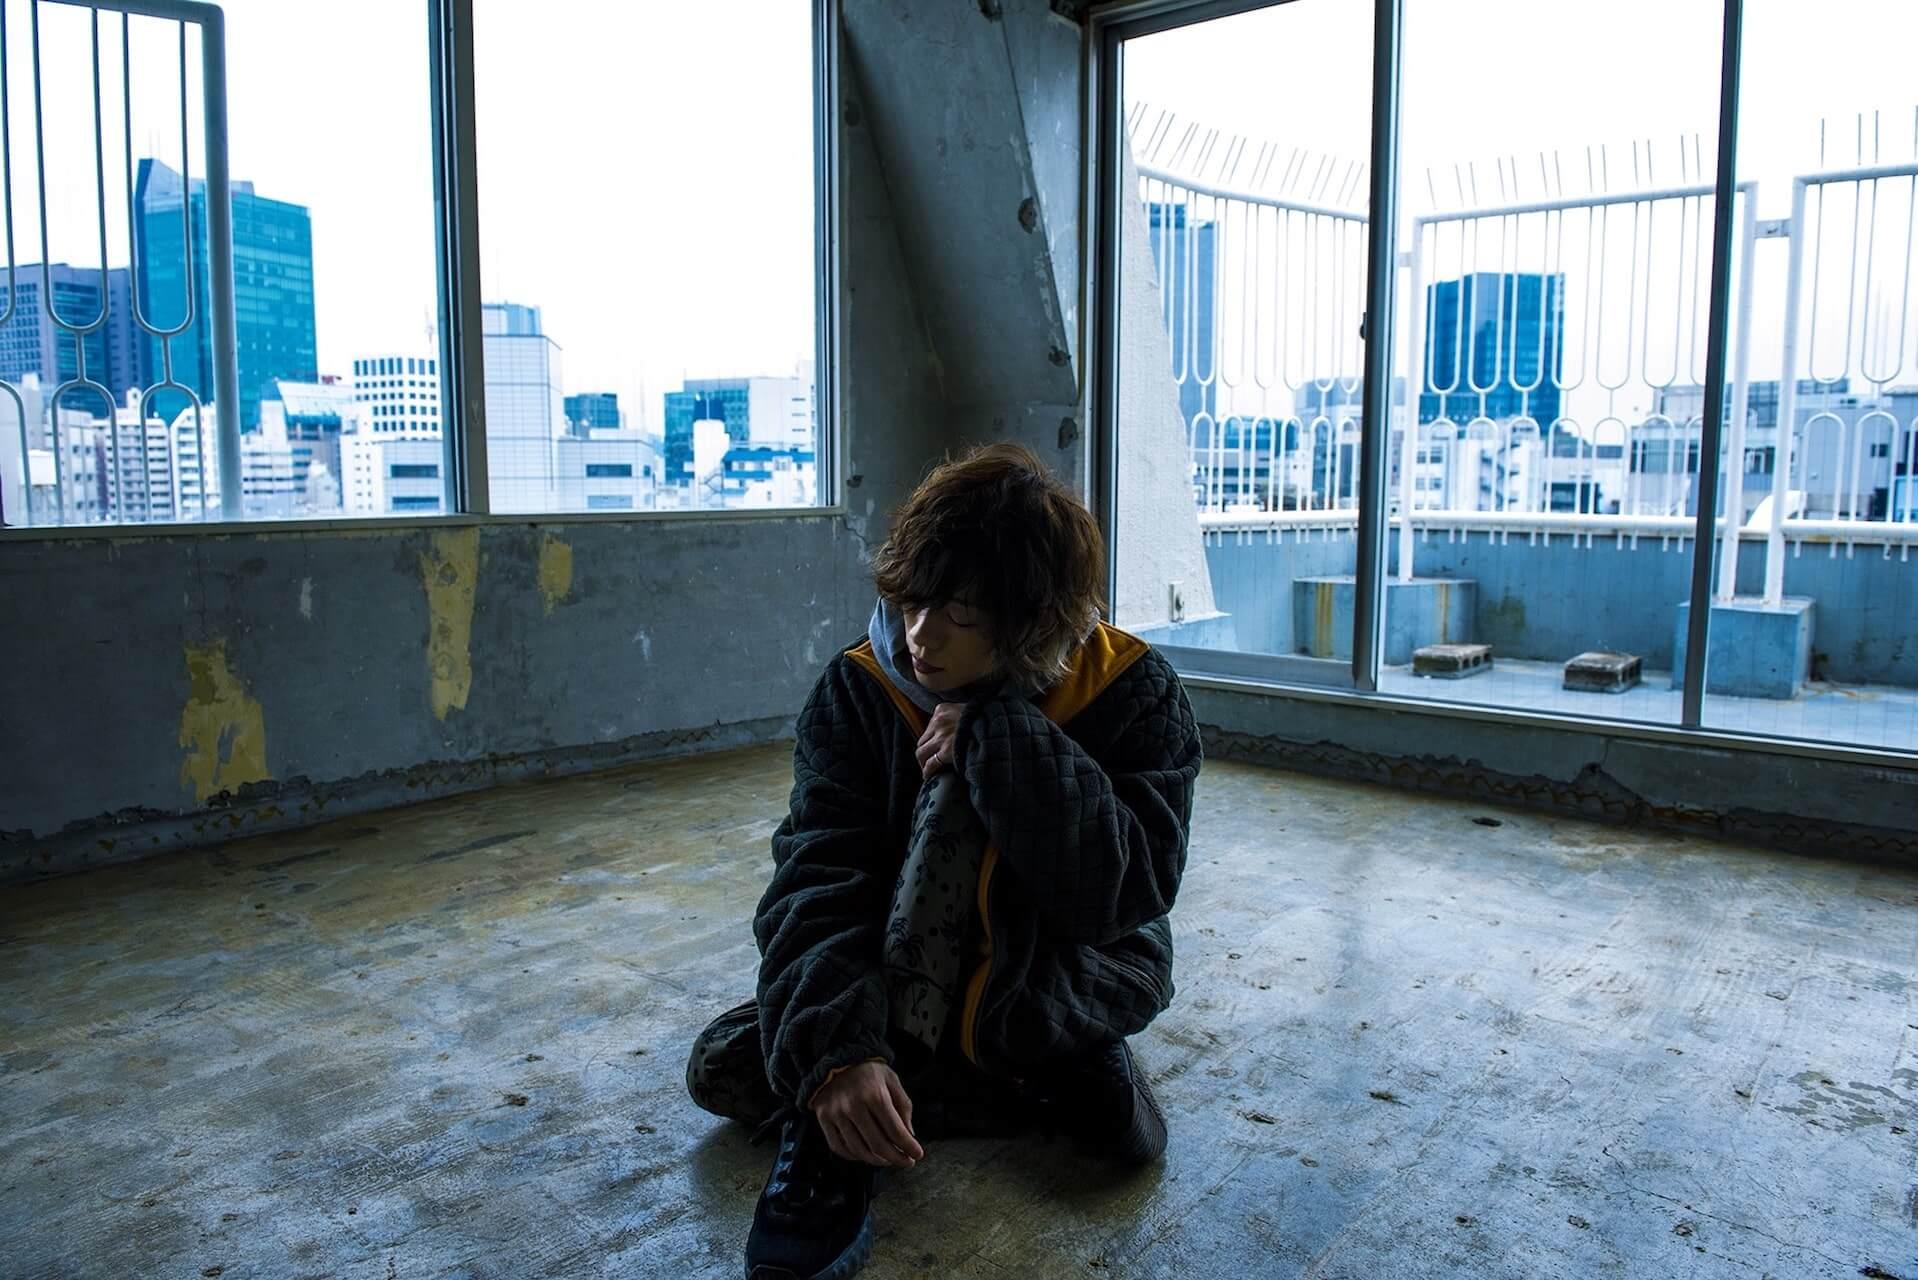 須田景凪が語る自らの音楽を昇華させるアボガド6、吉野耕平らの映像表現 interview200615__sudakeina_01